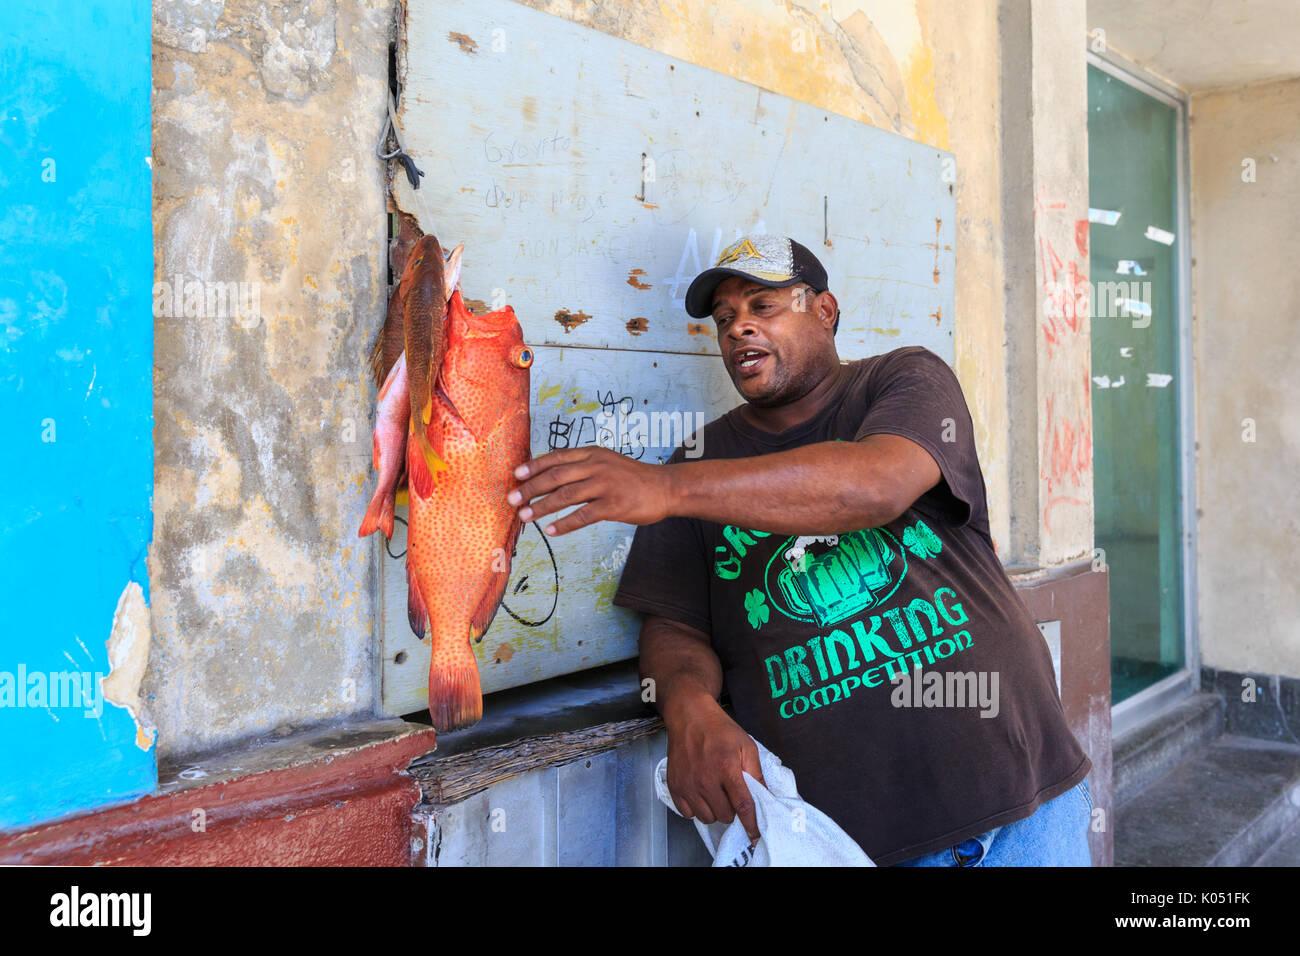 Straßenhändler verkaufen eine rote Hinterflügel (auch als Glück, Zackenbarsch) Fisch in einer Straße in der Altstadt Stockfoto